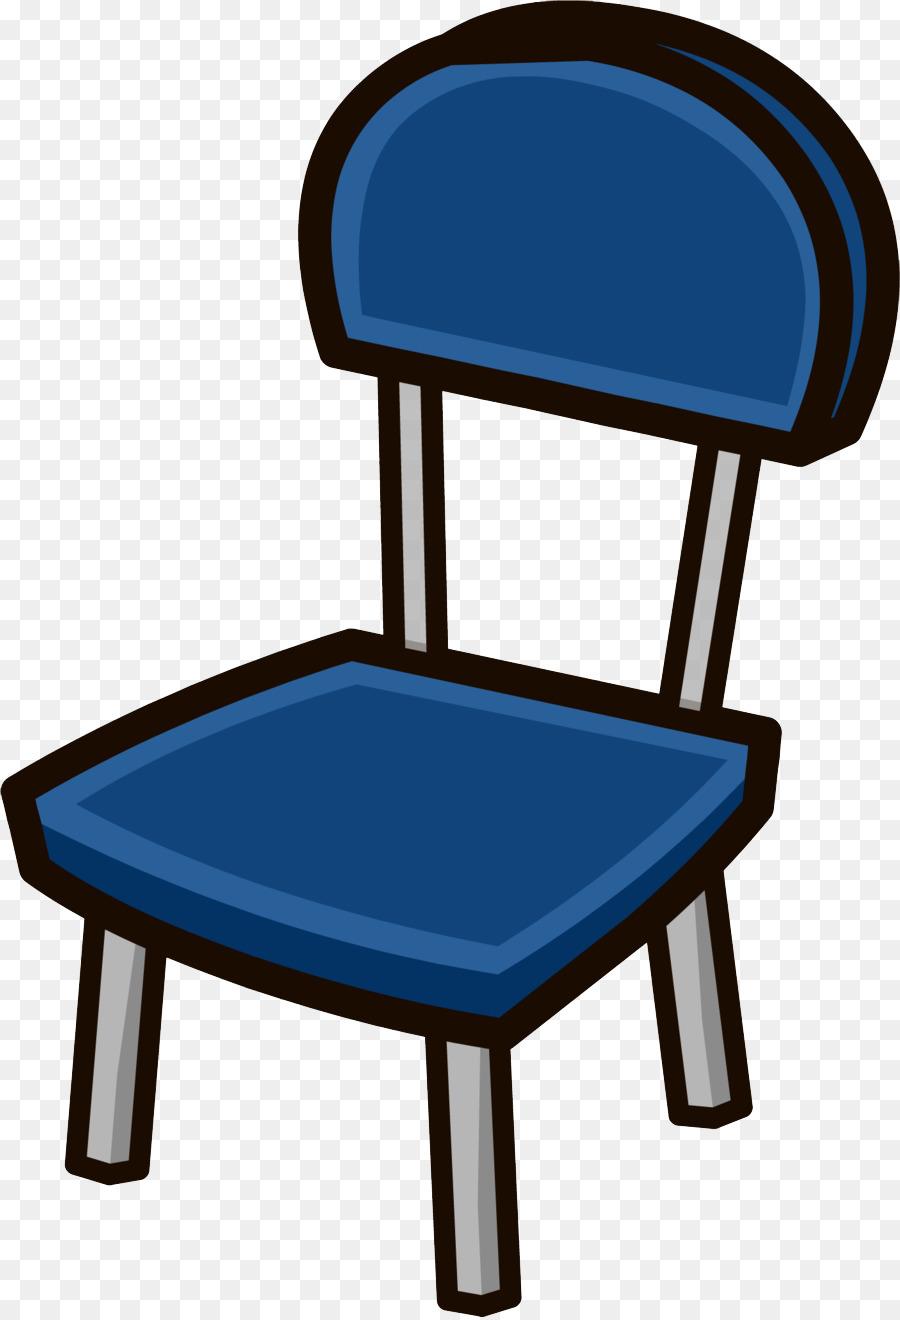 картинка стул рисунок пожалуй, самая